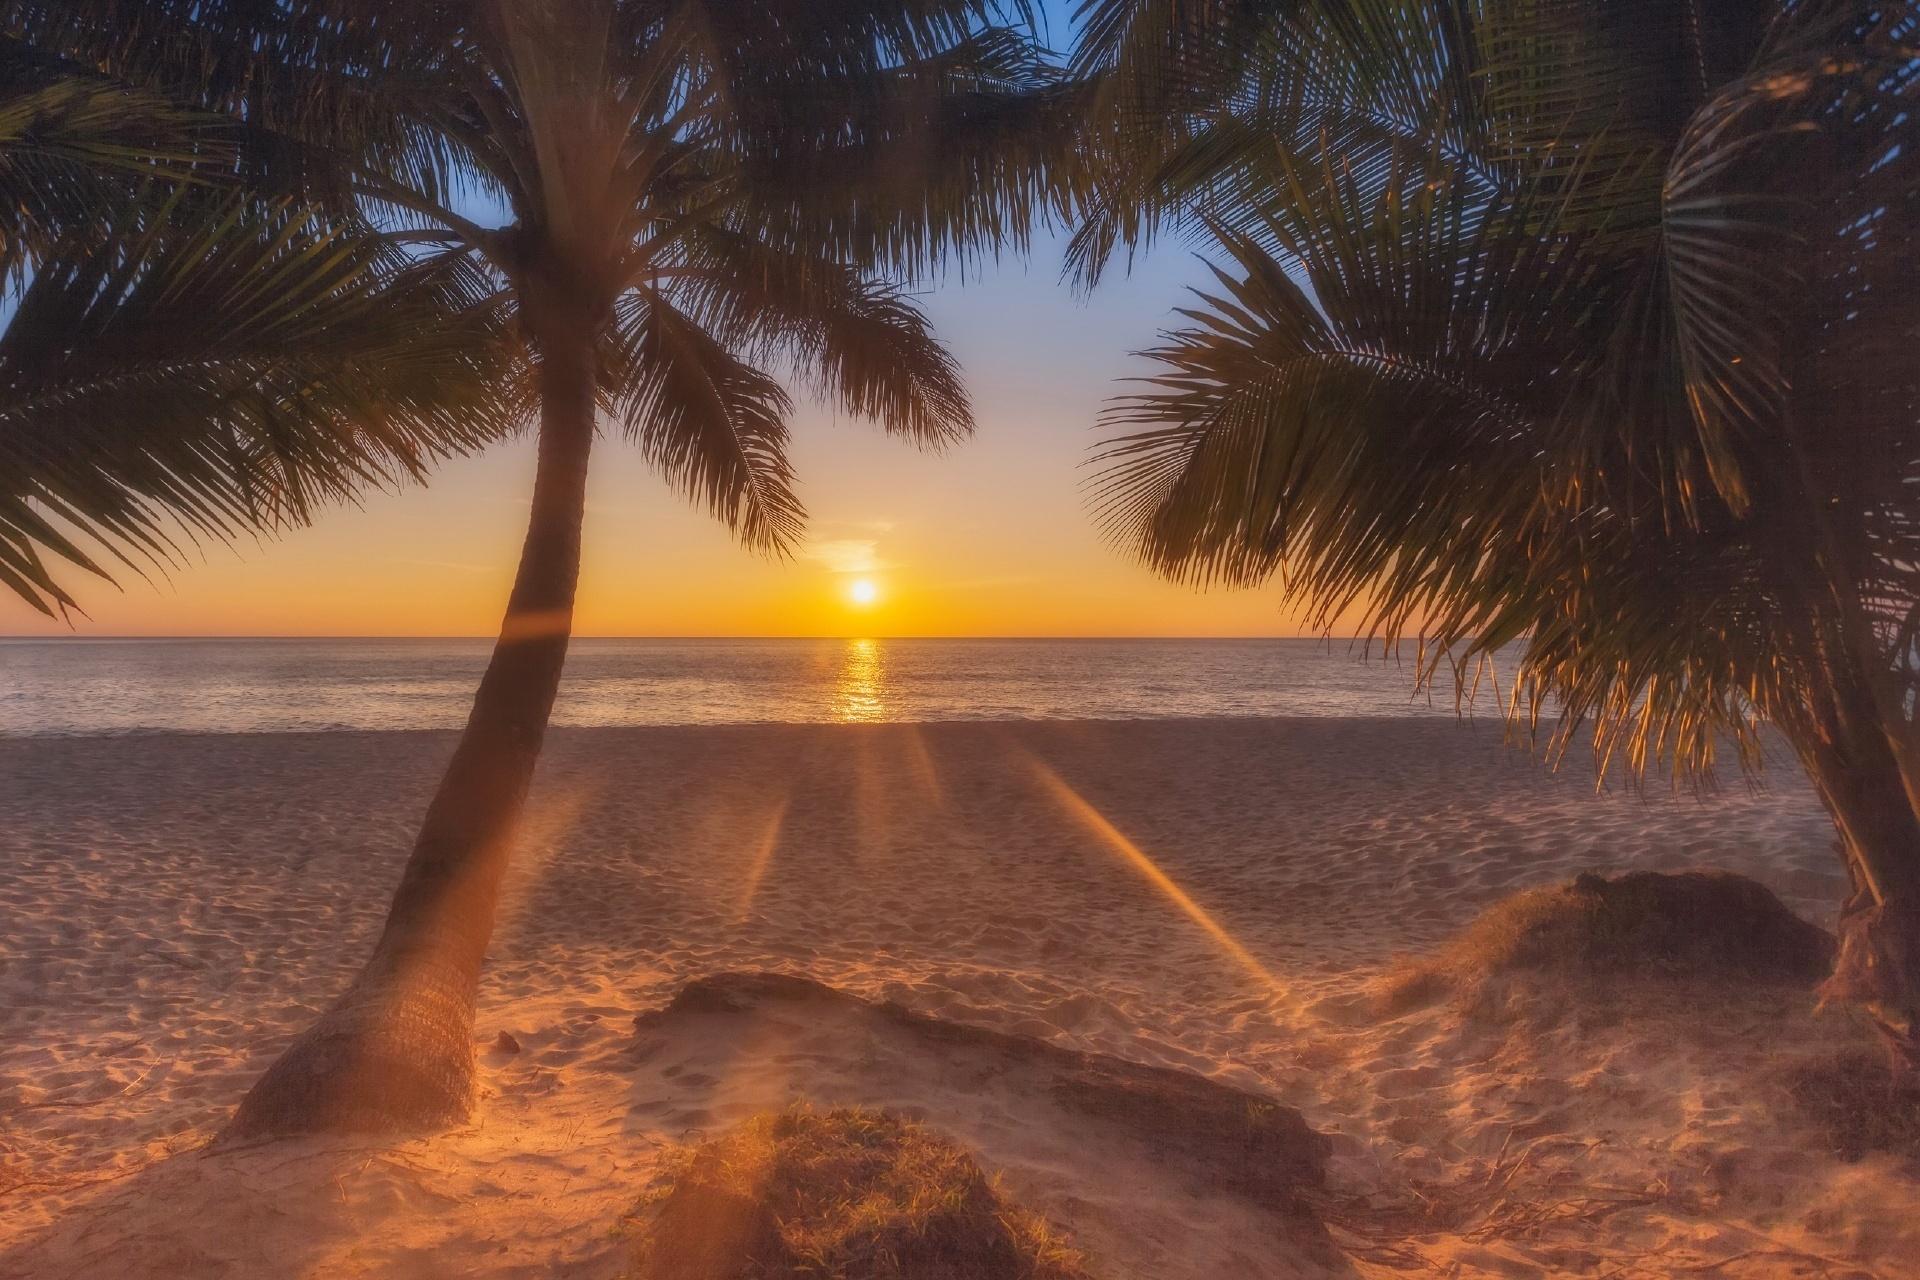 チャーン島の夕日 タイの風景